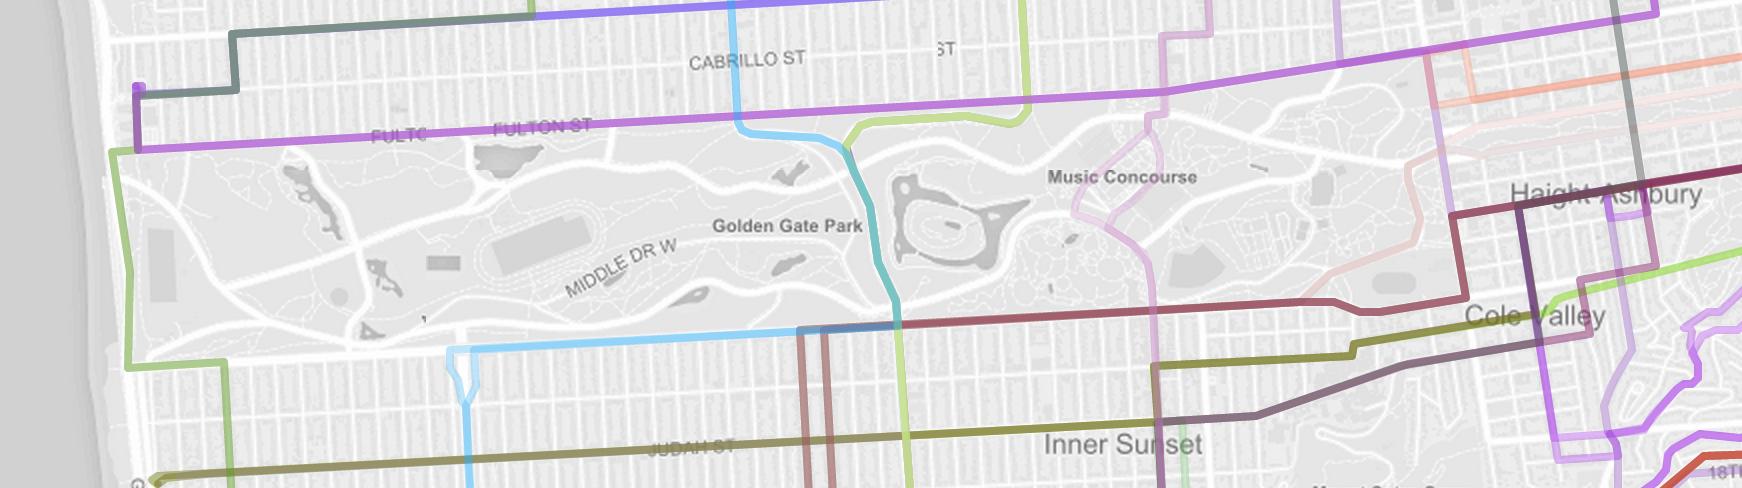 Transit routes around Golden Gate Park